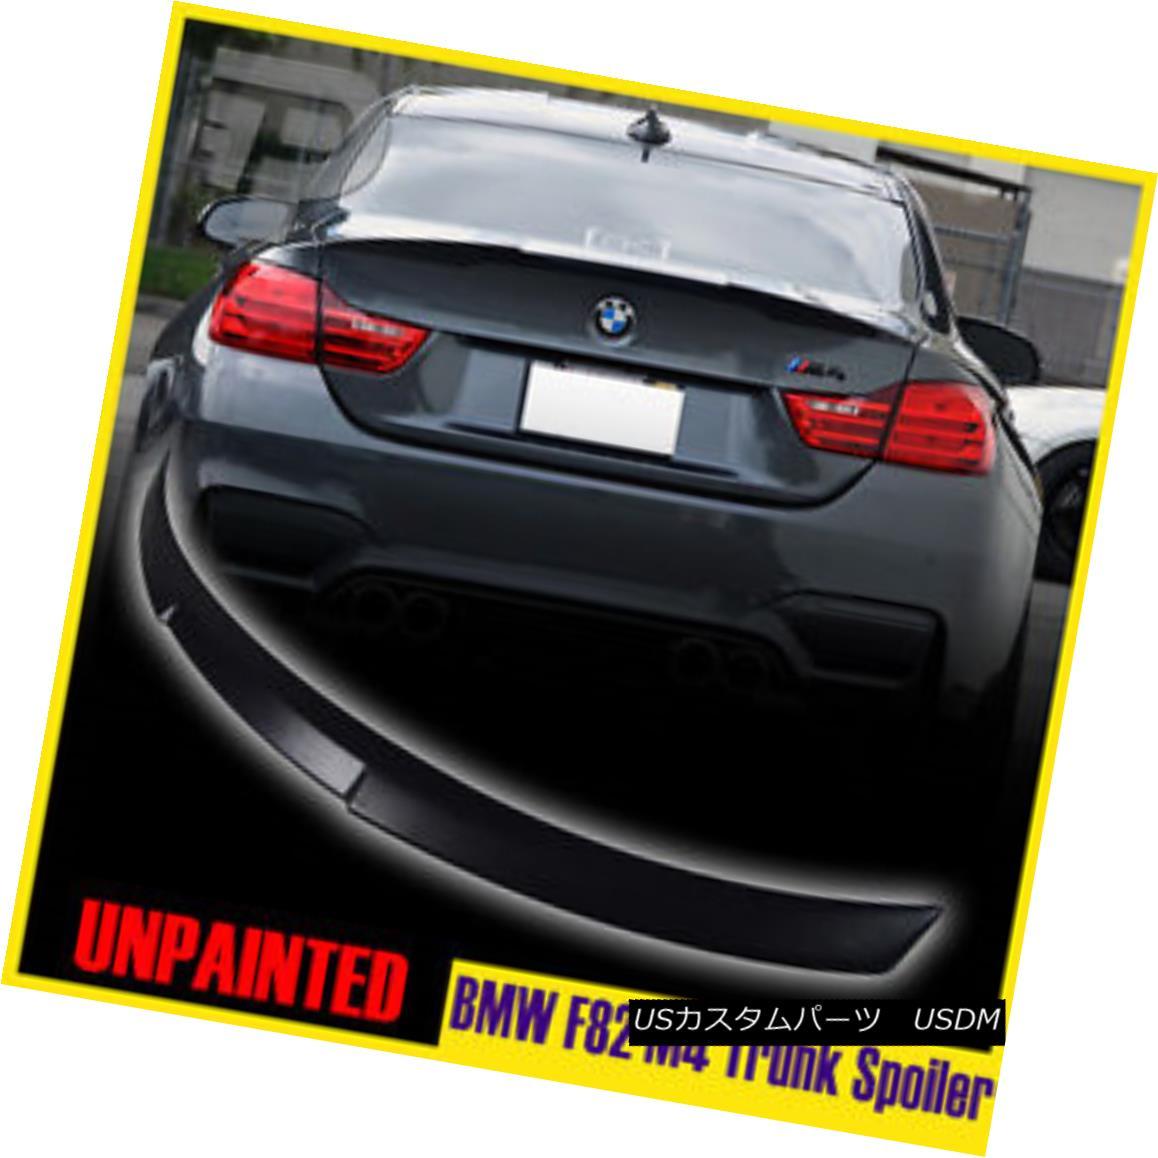 エアロパーツ MATTE BLACK FOR BMW 4-SER F82 M4 PERFORMANCE P-TYLE REAR WING TRUNK SPOILER マットブラックfor BMW 4-SERIES F82 M4 PERFORMANCE P-TYLEリアウイングTRUNK SPOILER